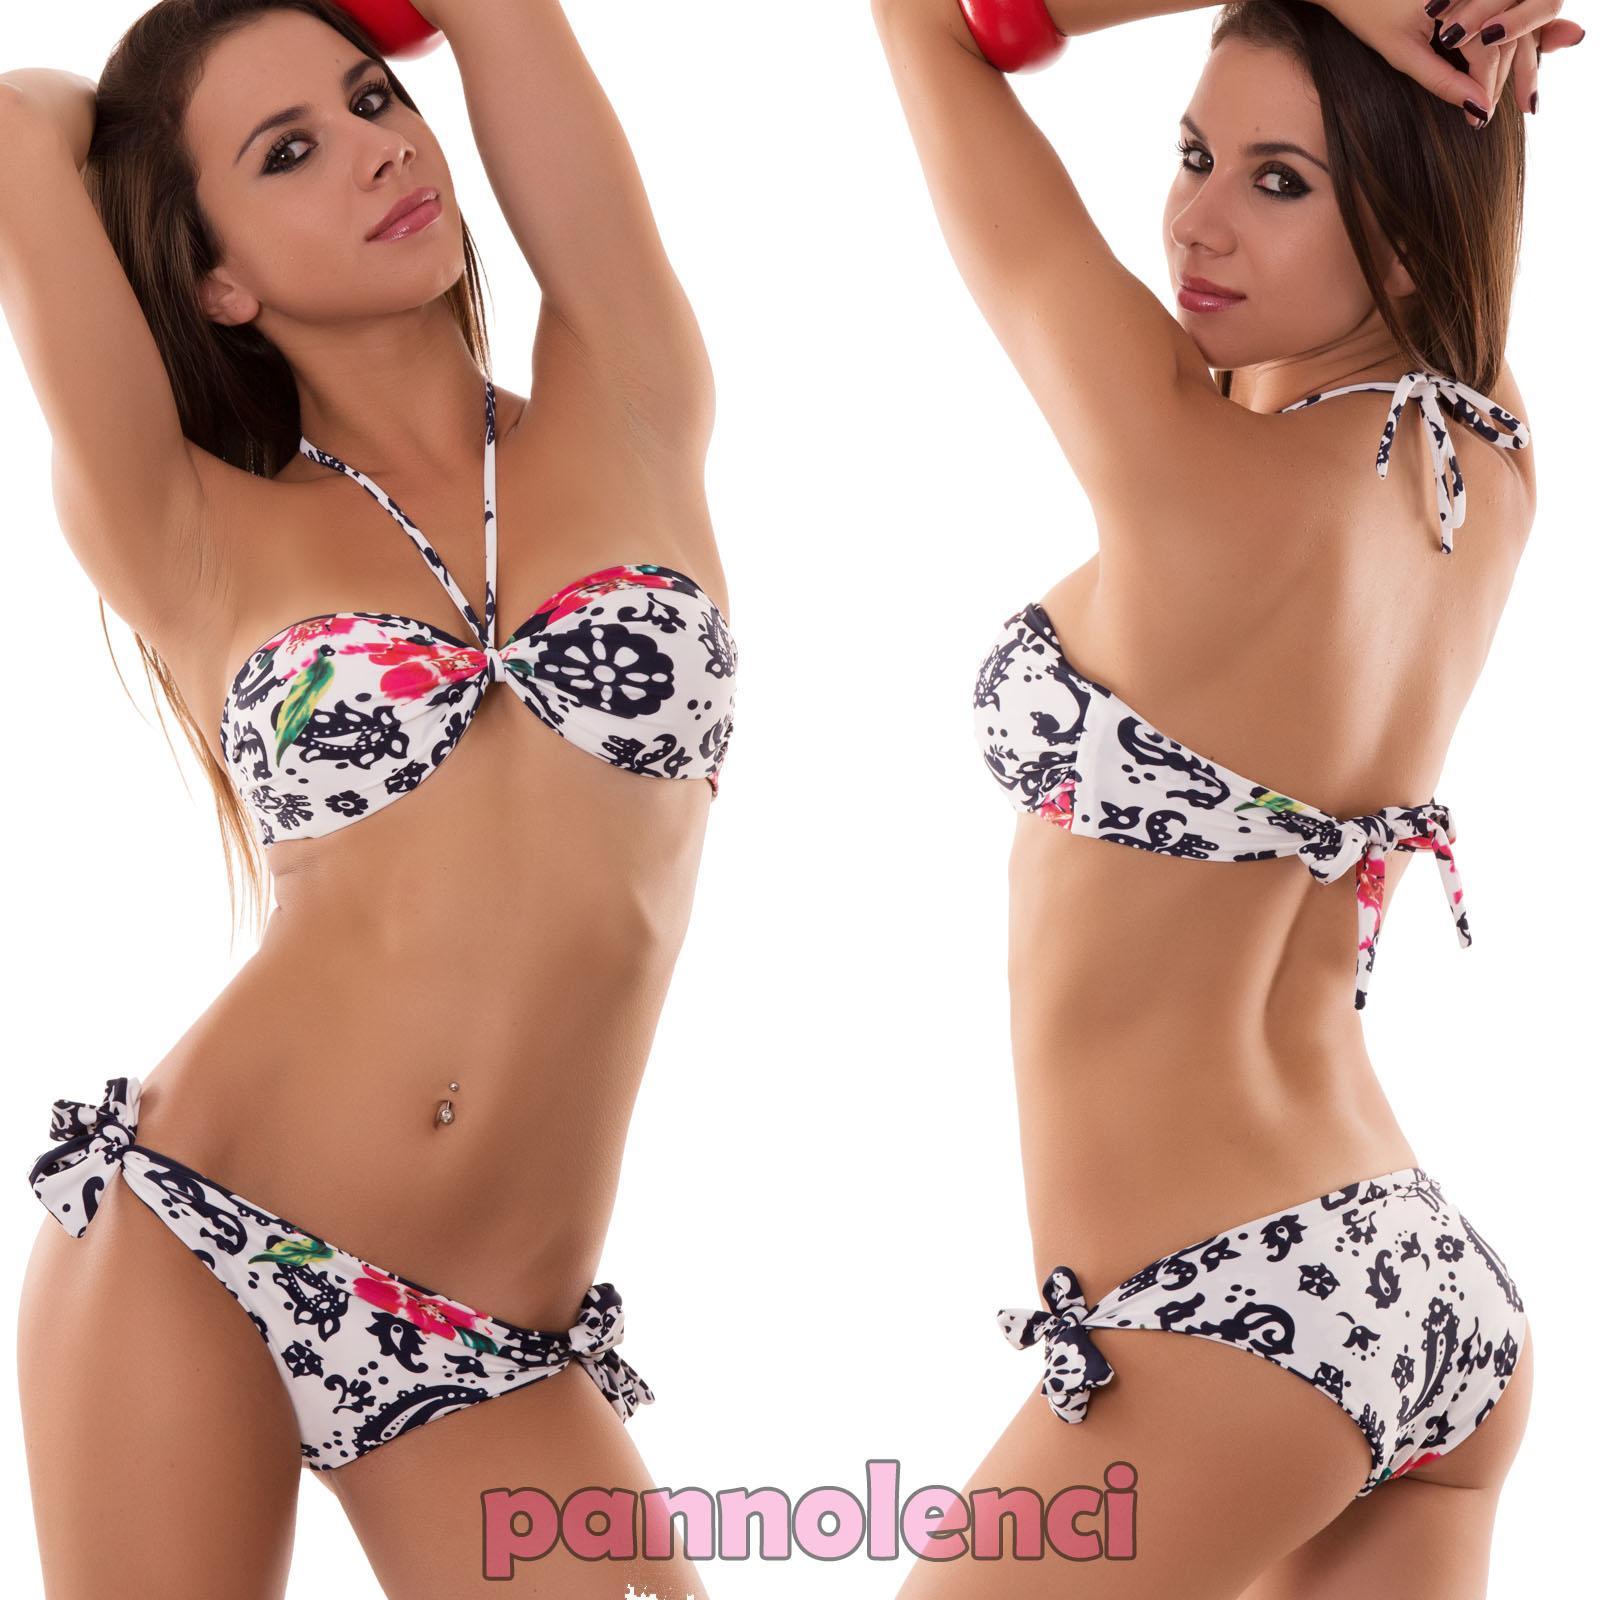 Bande de modèle de bikini